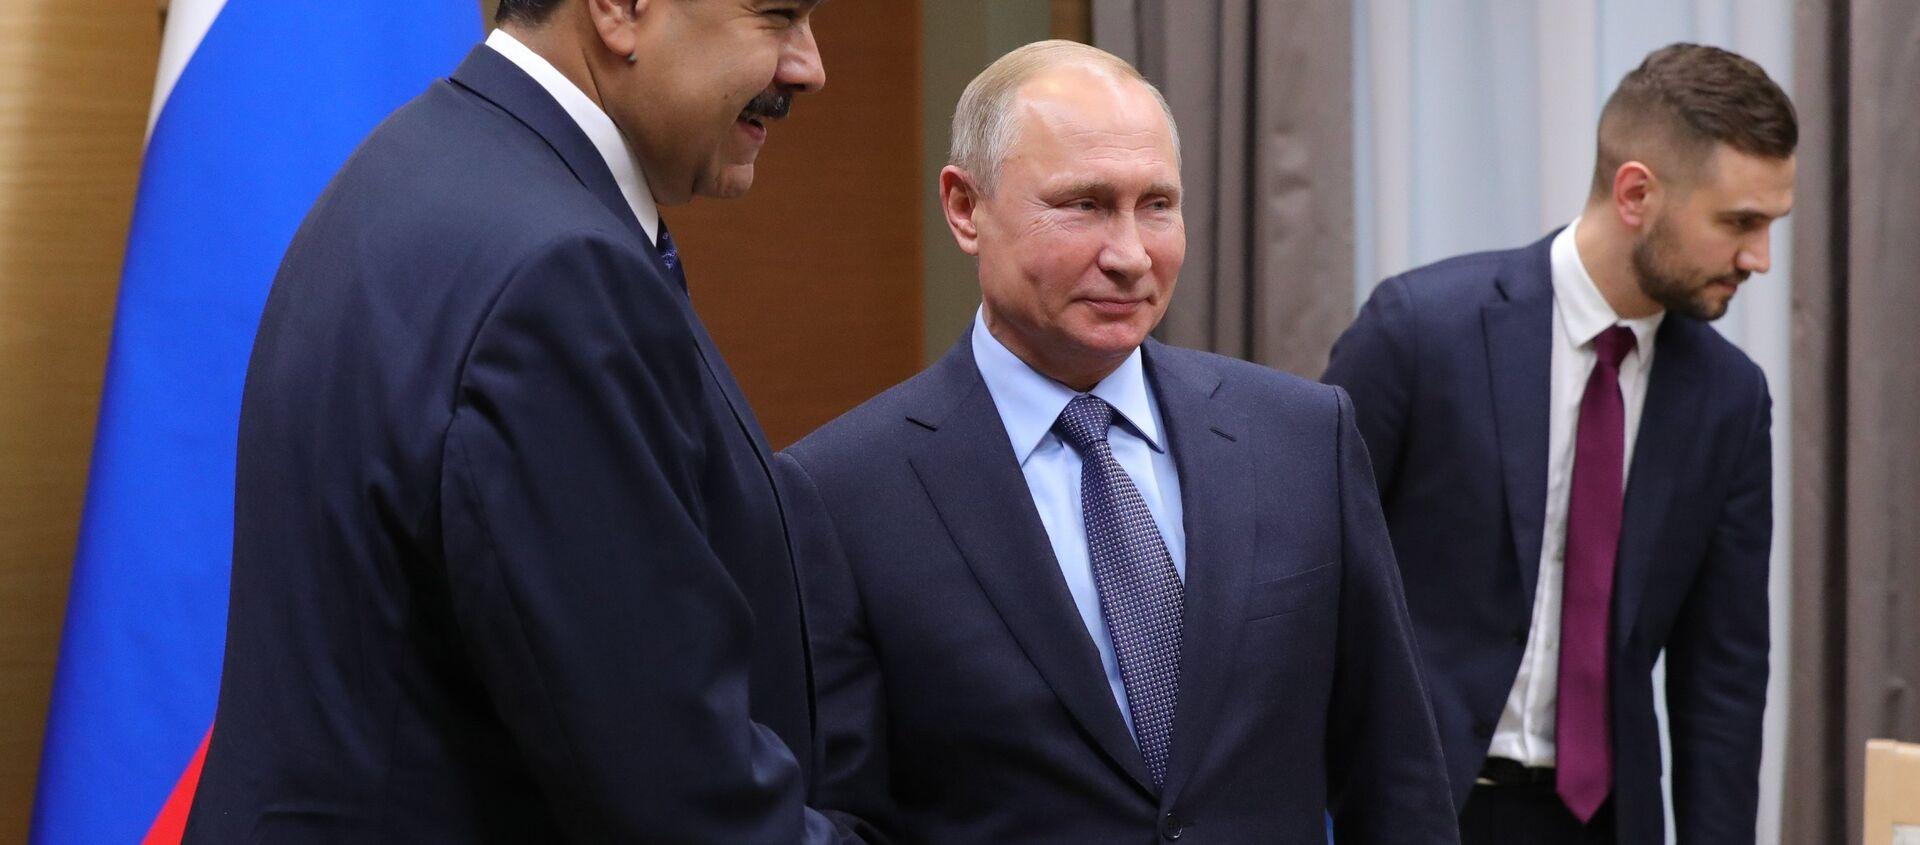 Nicolás Maduro, presidente de Venezuela; y Vladímir Putin, presidente de la Federación Rusa - Sputnik Mundo, 1920, 07.10.2020